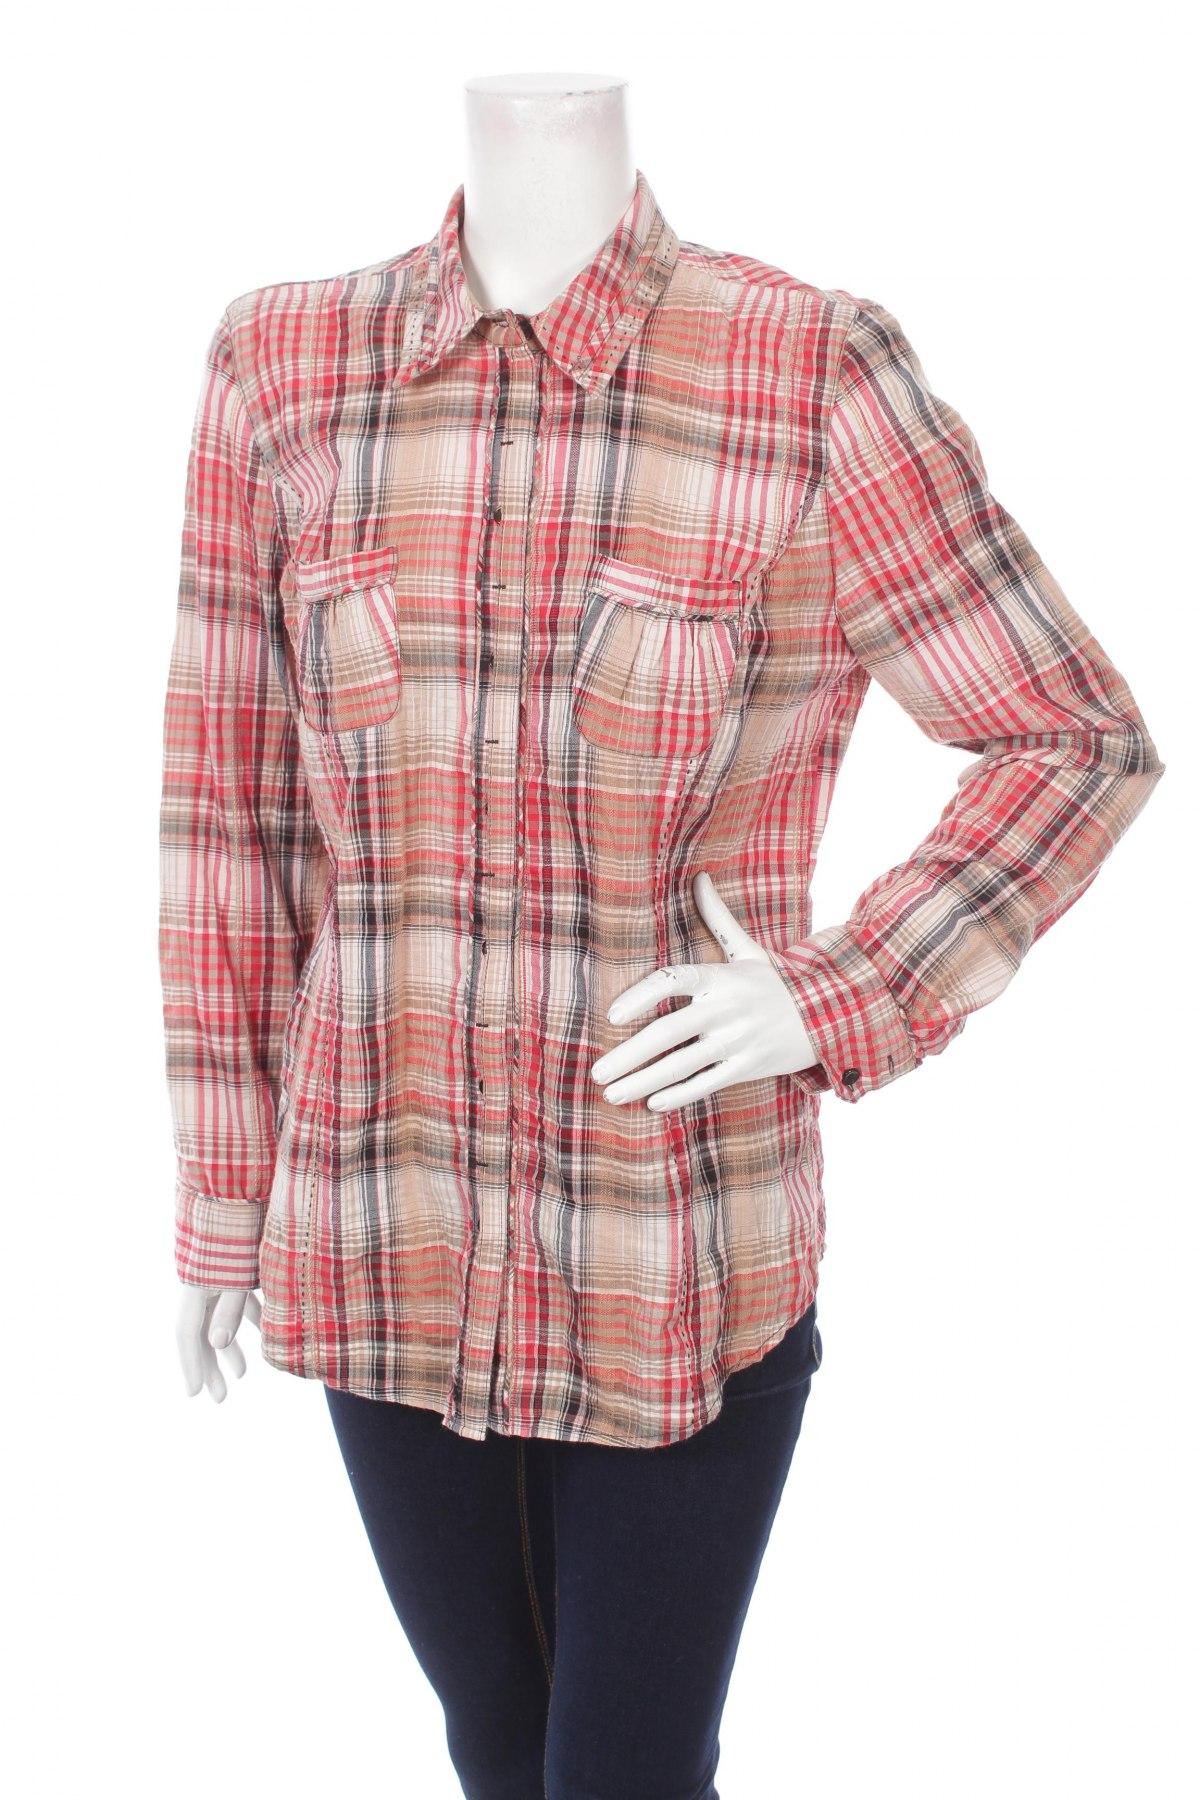 Γυναικείο πουκάμισο Bonita, Μέγεθος L, Χρώμα Πολύχρωμο, 61% βαμβάκι, 38% πολυεστέρας, 1% ελαστάνη, Τιμή 18,56€